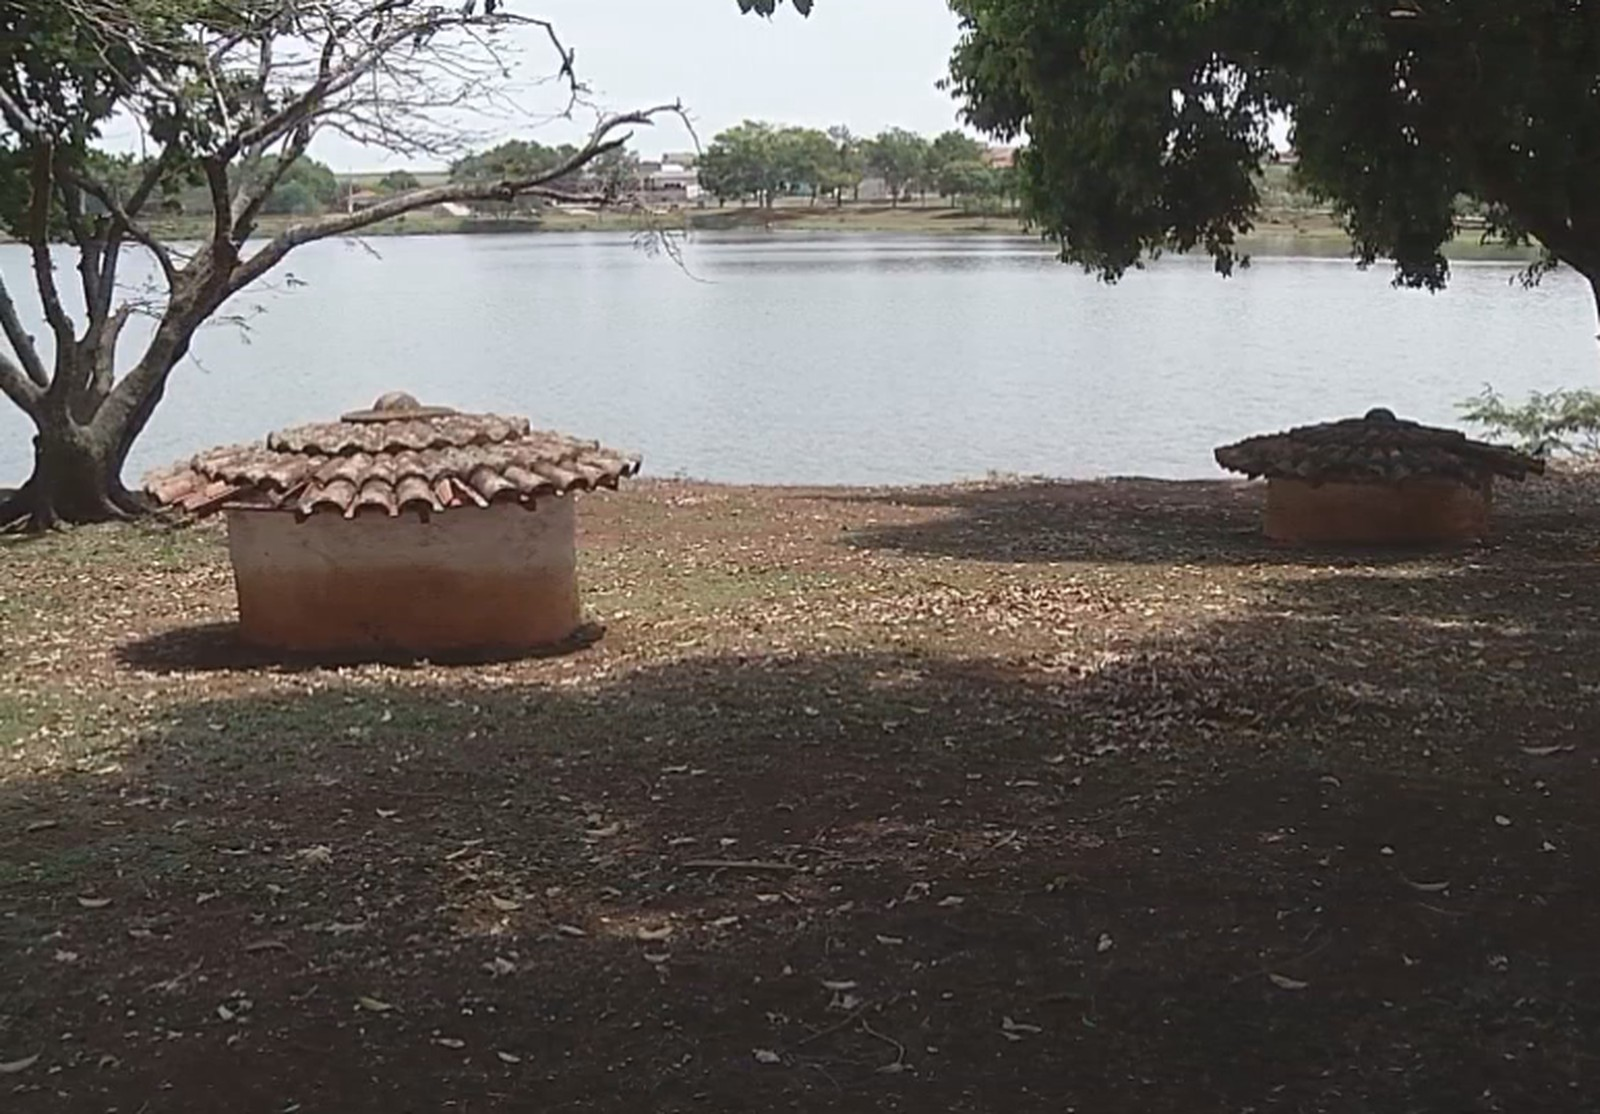 Prefeitura vai contratar empresa para estudar transferência das capivaras do lago municipal de Ipaussu — Foto: Reprodução/TV TEM